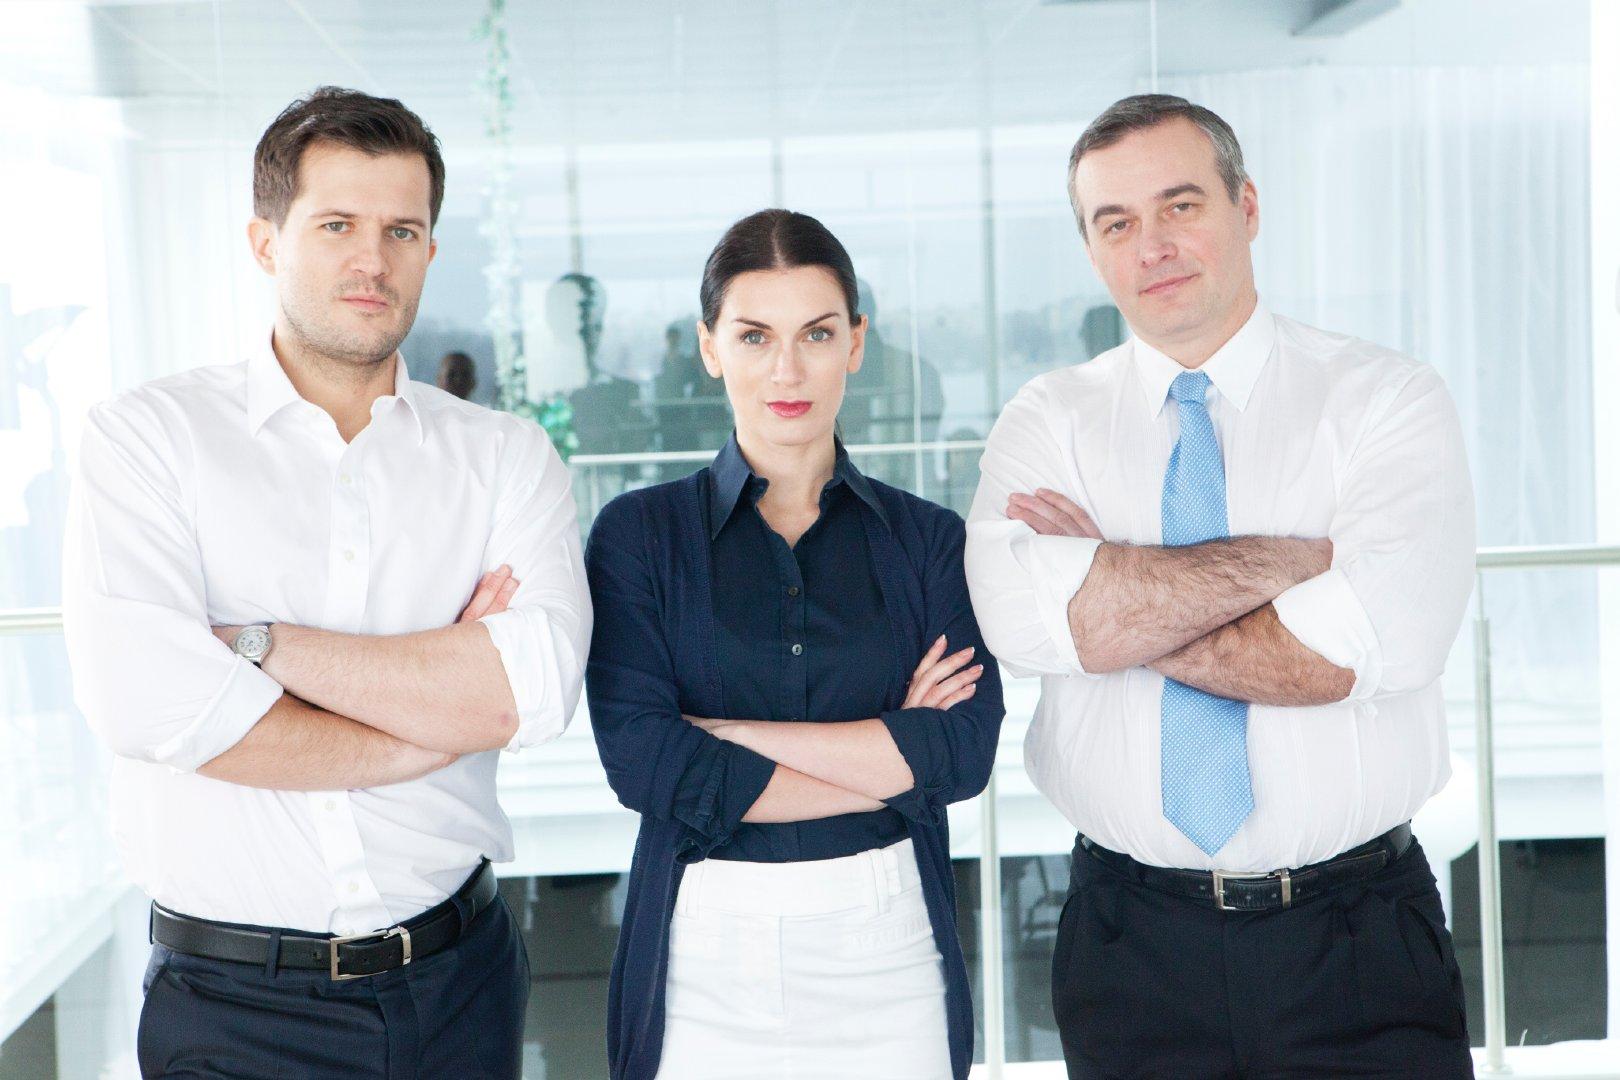 专业且团结的商业团队合影精美图集